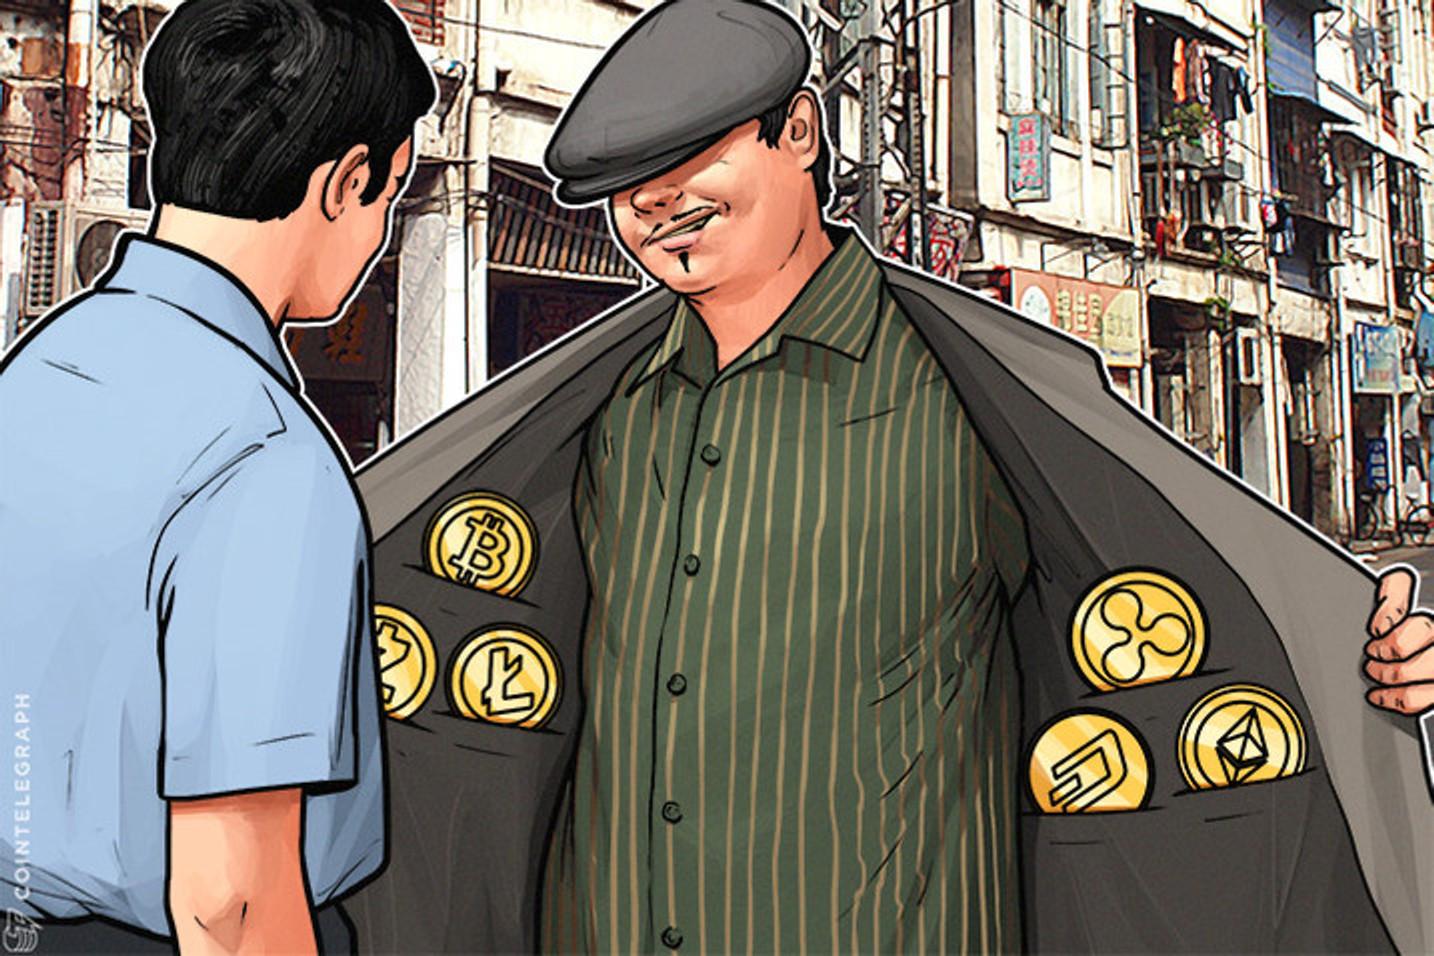 Procuradoria Federal declara que Digital Goen pode ser pirâmide financeira e aciona Ministério Público